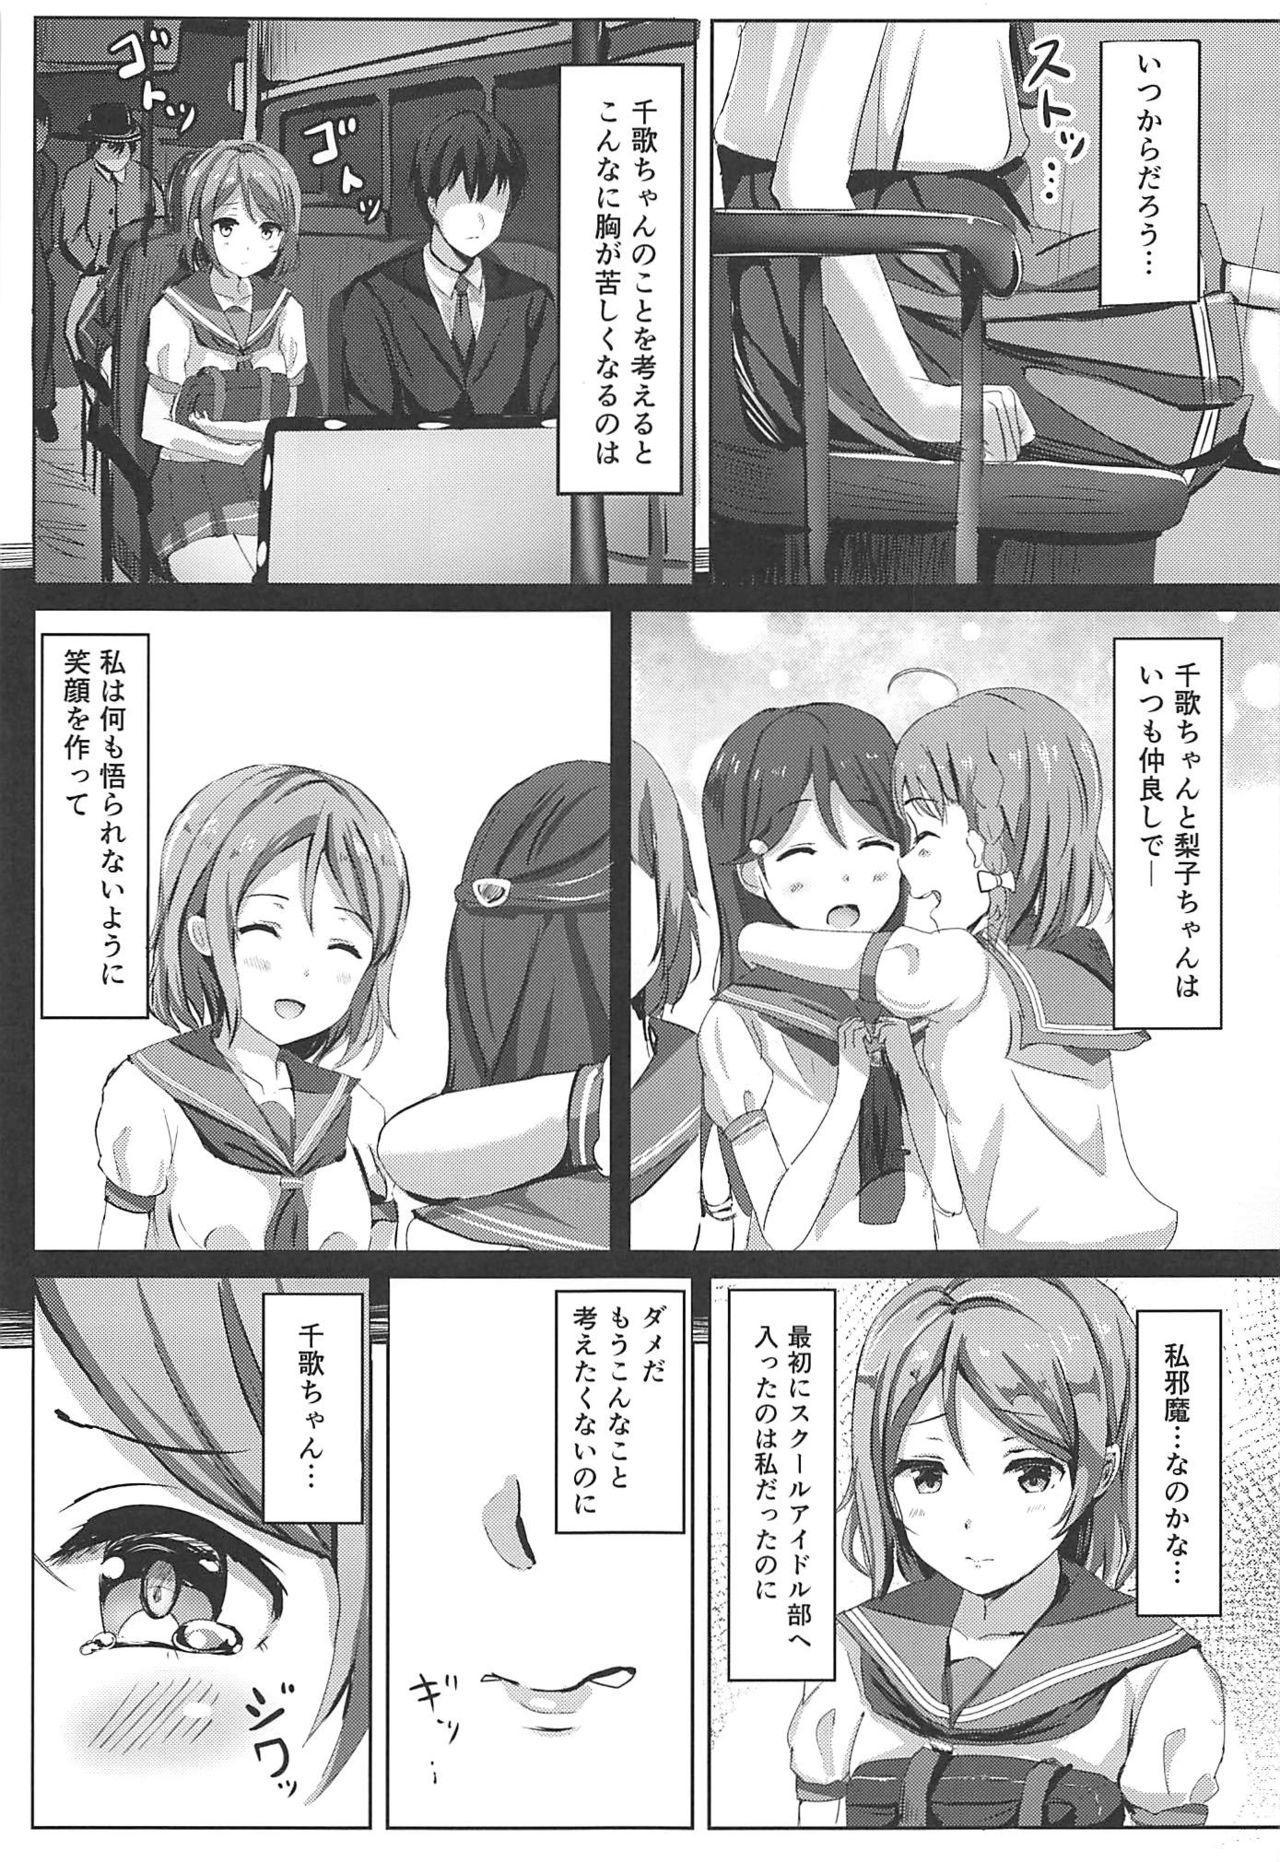 Ichiya no shitto youbi 5